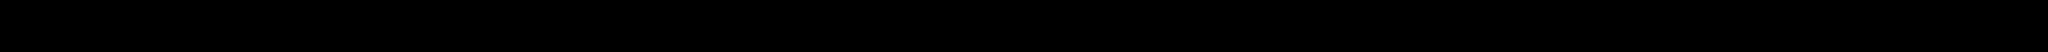 BOSCH 23 599, BP318, E13 90R-010224/002, 16 104 896 80, 16 111 406 80 Sada brzdových destiček, kotoučová brzda